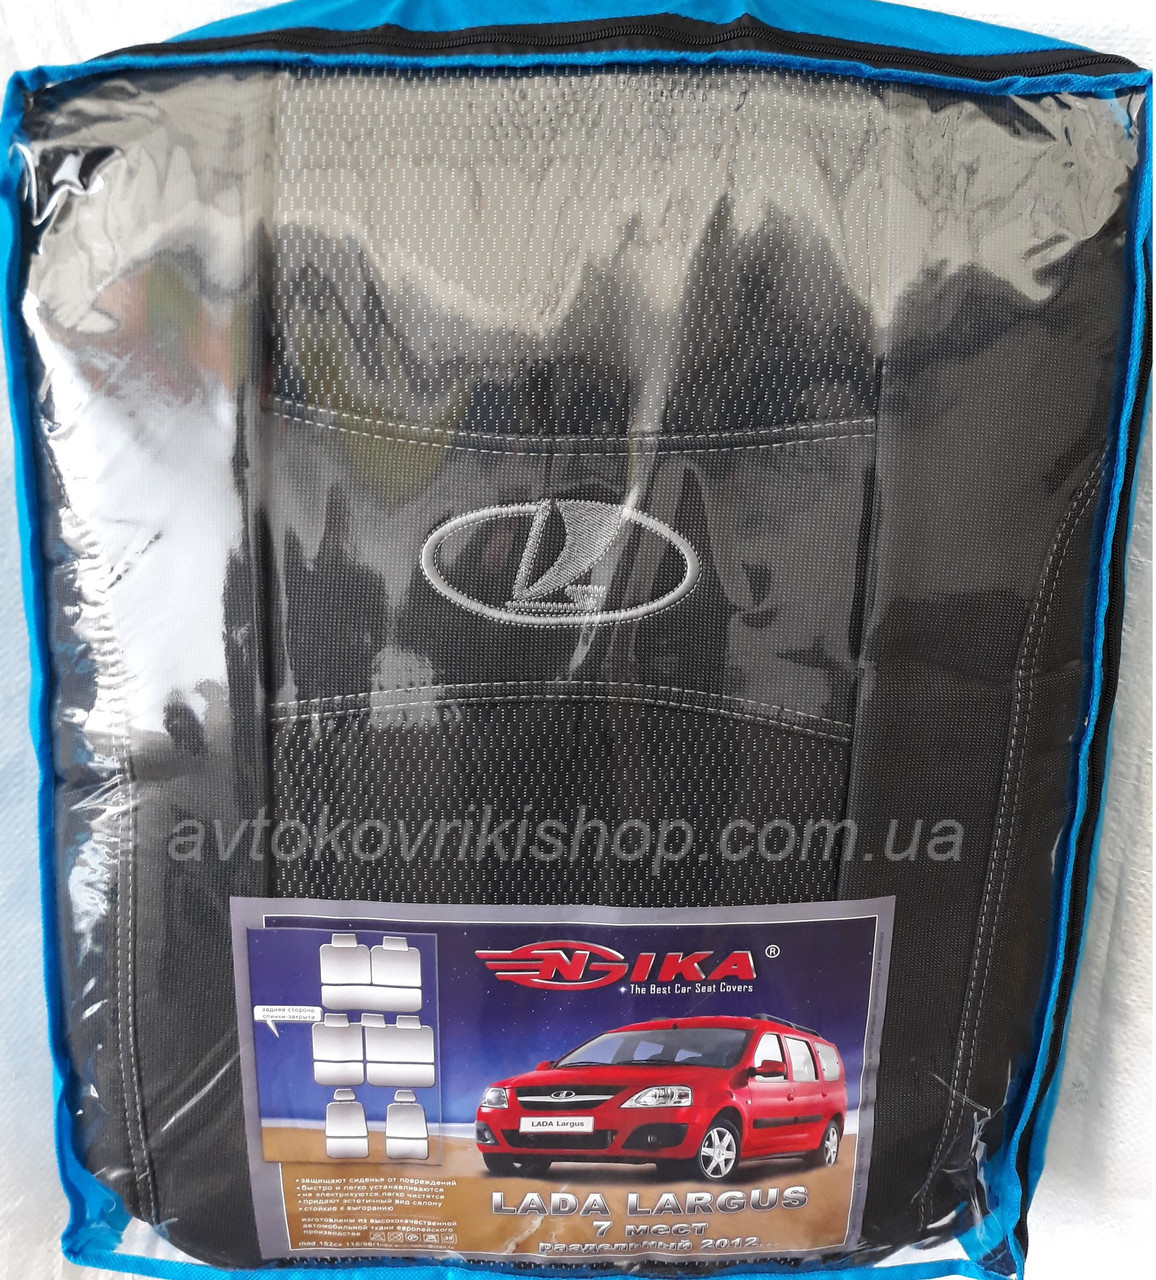 Авто чехлы Lada Largus 2012- 7 мест (раздельная) Nika